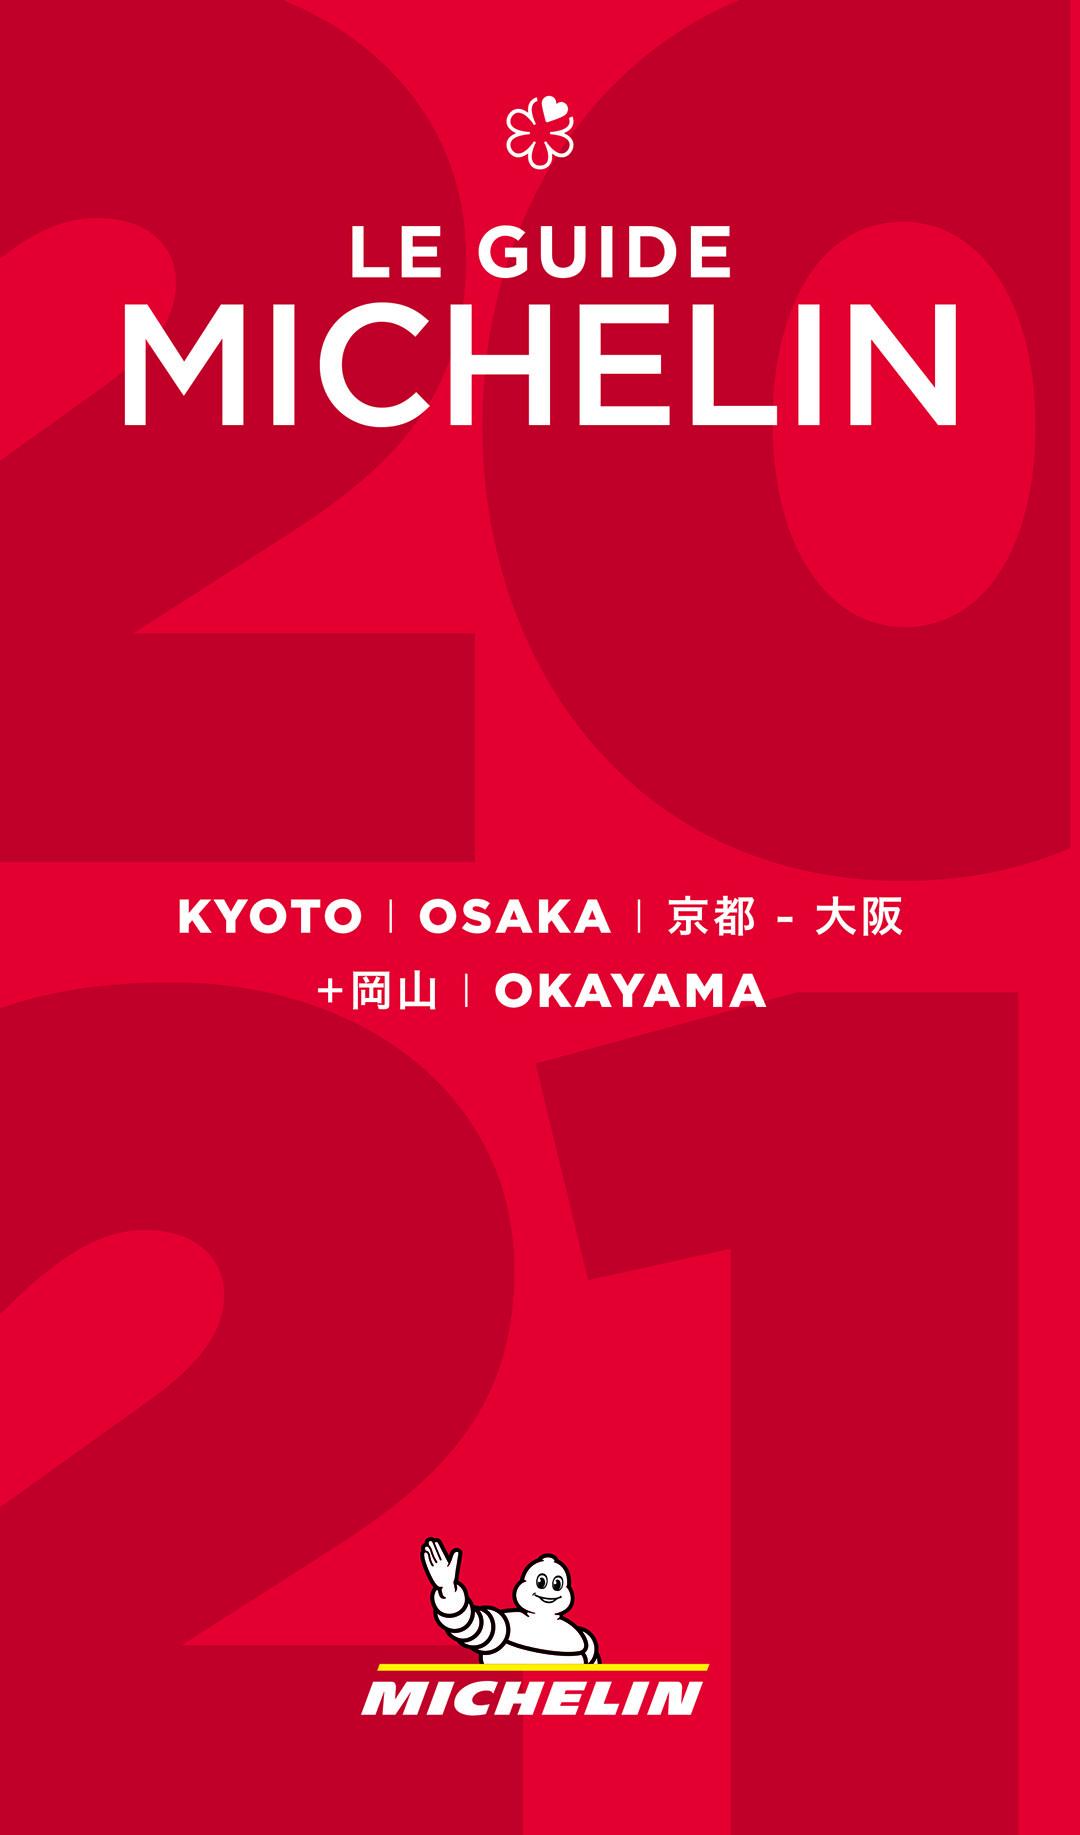 米其林指南京都大阪岡山 Michelin Guide Kyoto Osaka Okayama.png